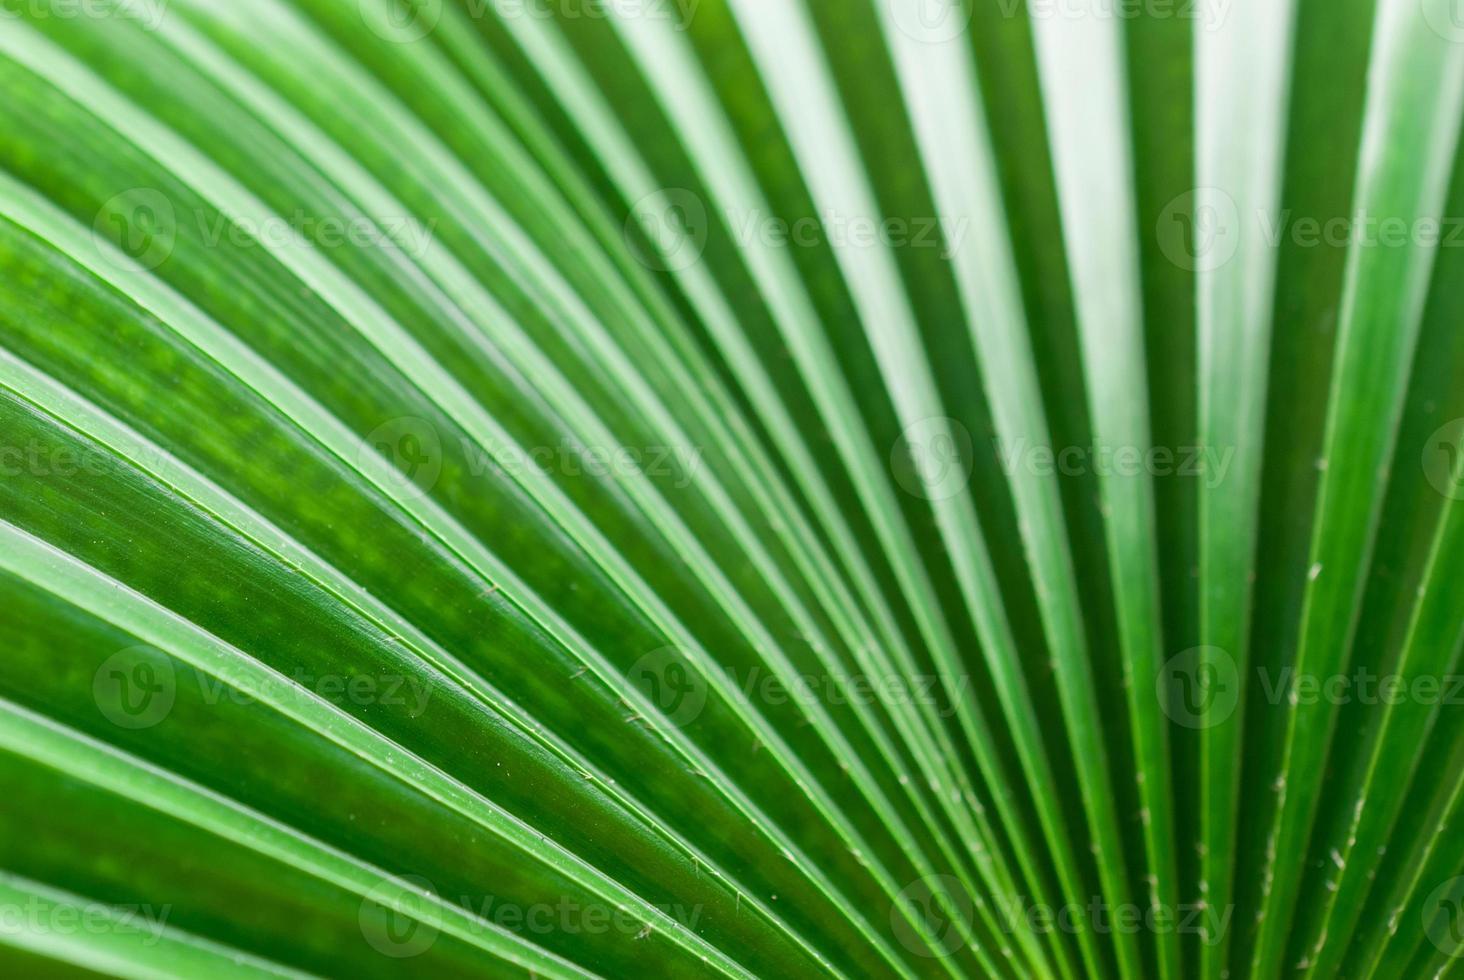 immagine astratta di foglia di palma verde per lo sfondo. foto